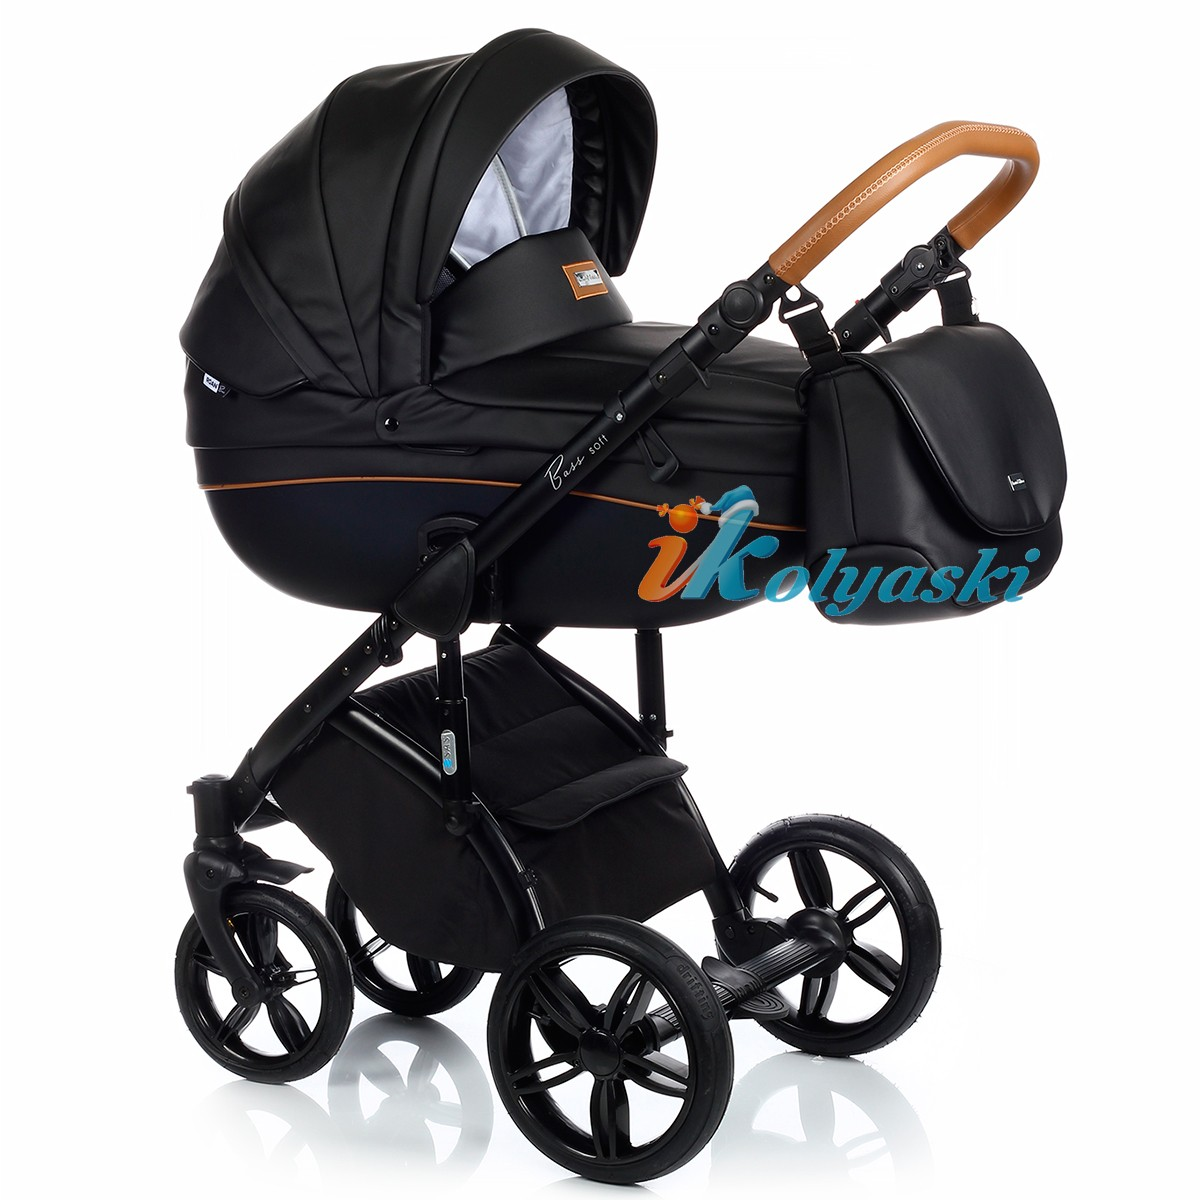 Roan Bass Soft LE,  Leather, Детская коляска для новорожденных, на поворотных колесах, 3 в 1 Roan Bass Soft LE  - Роан Басс шасси Софт, обшивка люльки Эко-Кожа. Хит 2018. Roan Bass Soft Leather, Детская коляска для новорожденных, детская коляска на поворотных колесах, коляски 3 в 1, коляска Roan Bass Soft, коляска Роан Басс Софт, коляски новинки 2018, детские коляски новинки 2018, коляски Roan, детские коляски роан купить